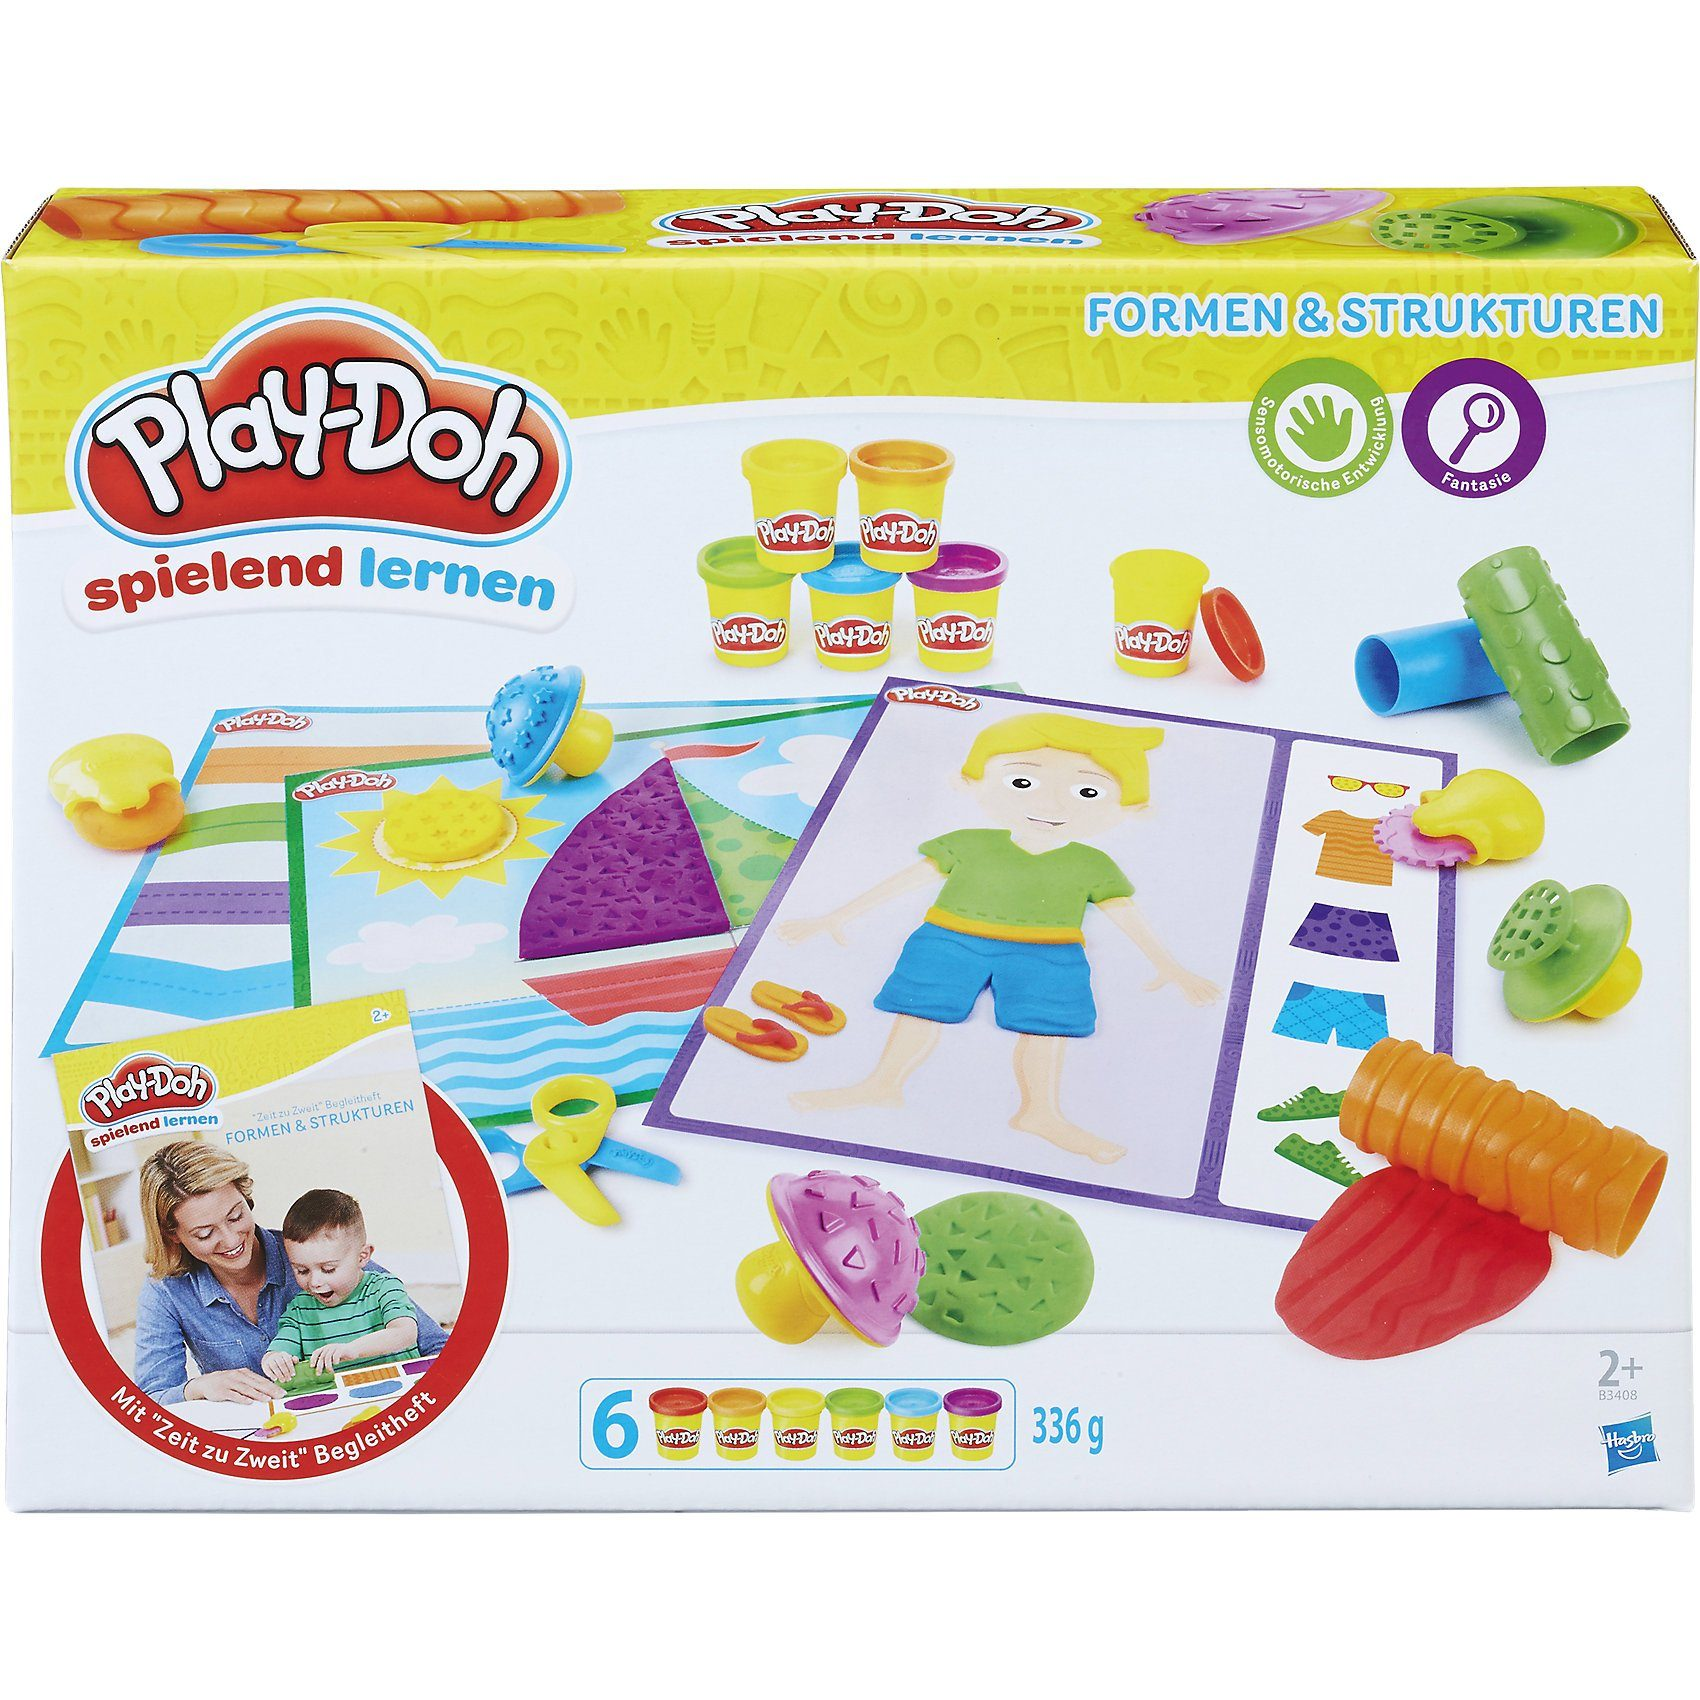 Hasbro Play-Doh Spielend Lernen Formen & Strukturen